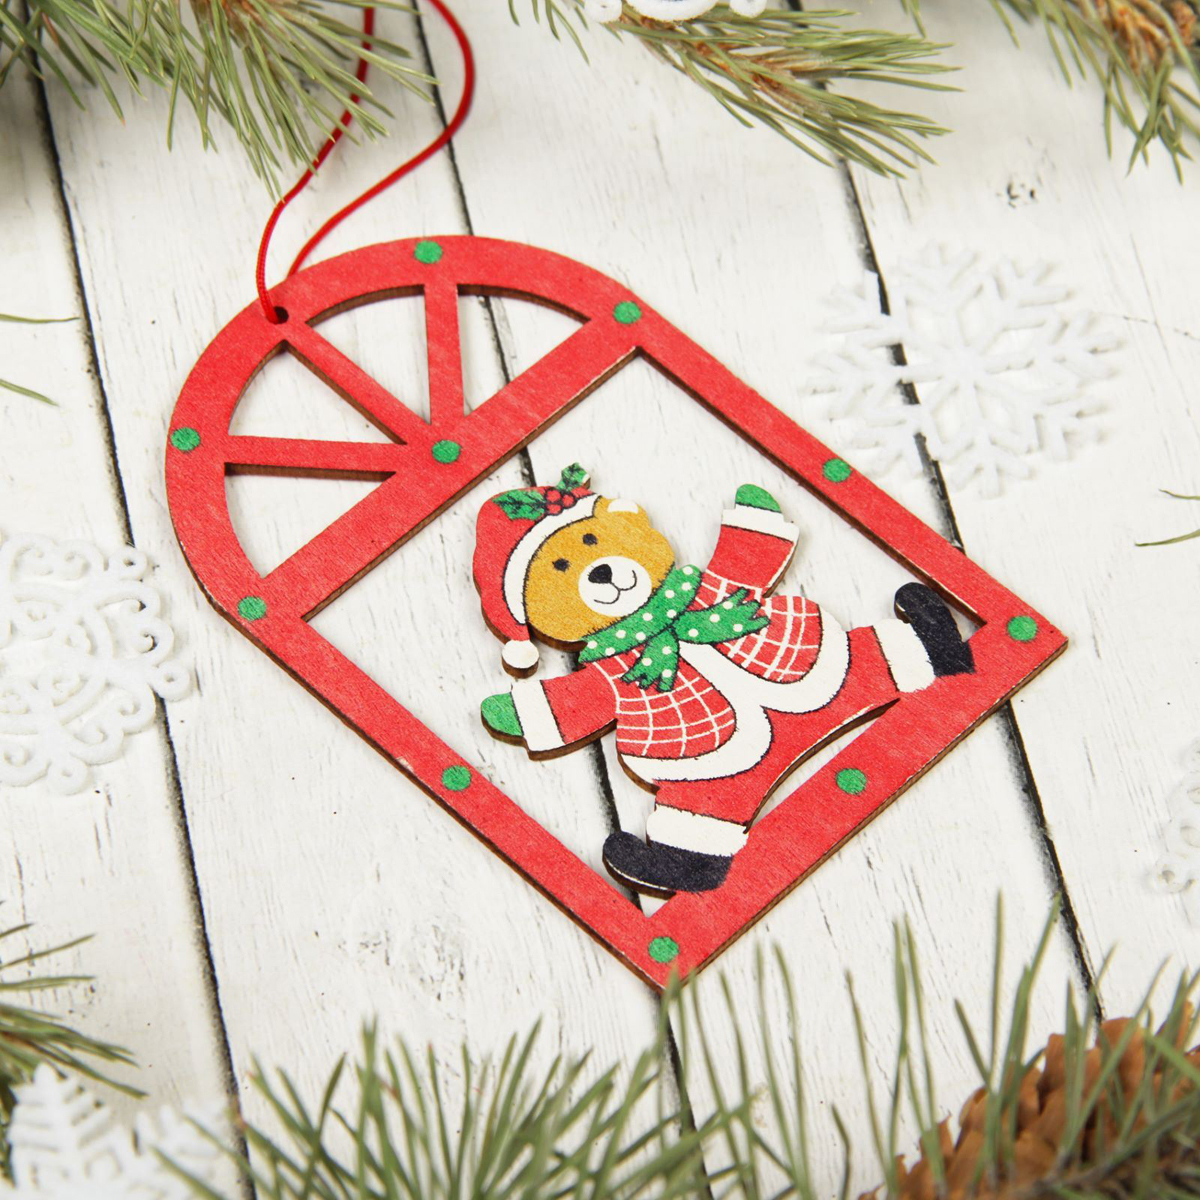 Украшение новогоднее подвесное Sima-land Мишка в окне, 10 х 6,5 см2303281Невозможно представить нашу жизнь без праздников! Мы всегда ждём их и предвкушаем, обдумываем, как проведём памятный день, тщательно выбираем подарки и аксессуары, ведь именно они создают и поддерживают торжественный настрой.